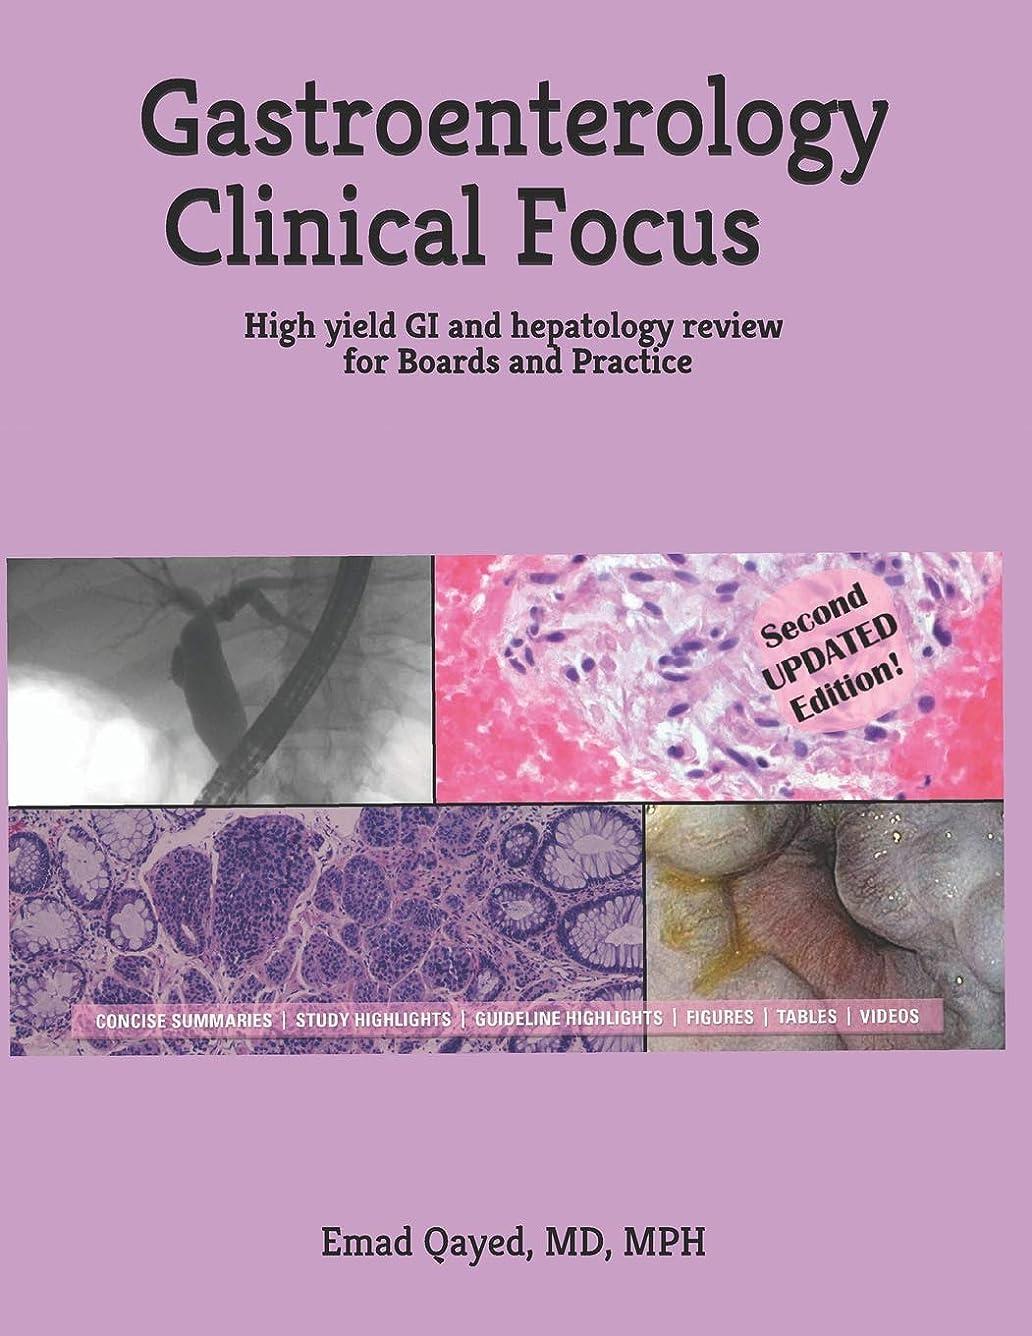 くちばしルー対抗Gastroenterology Clinical Focus: High yield GI and hepatology review- for Boards and Practice - 2nd edition